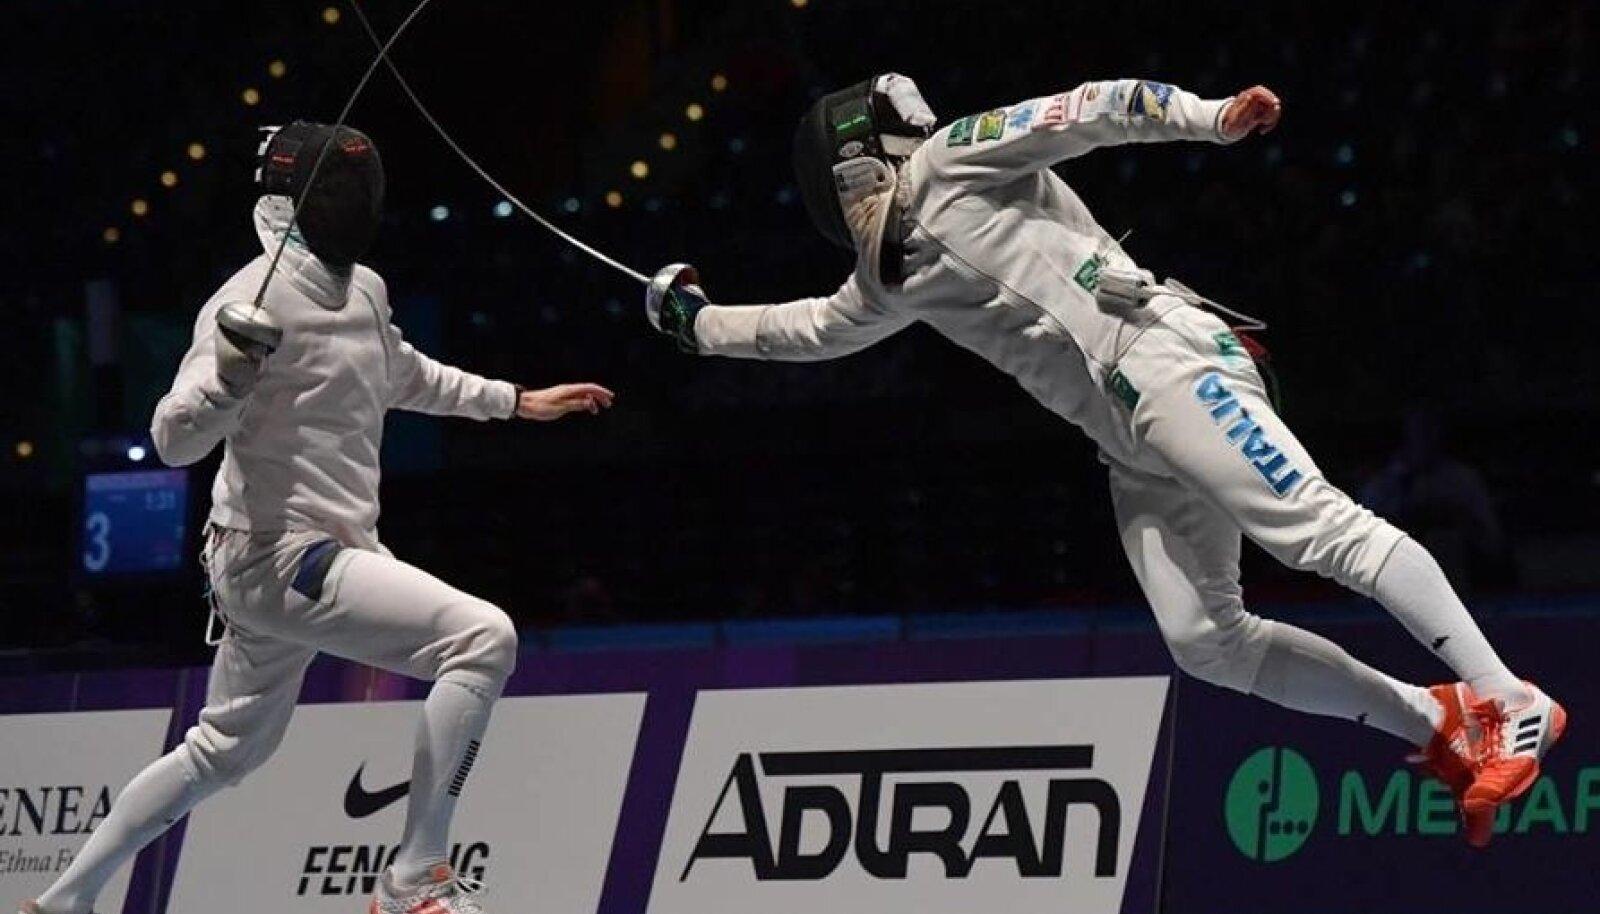 Nikolai Novosjolov (vasakul) üritab lennuka itaallase Paolo Pizzo rünnakut tõrjuda.